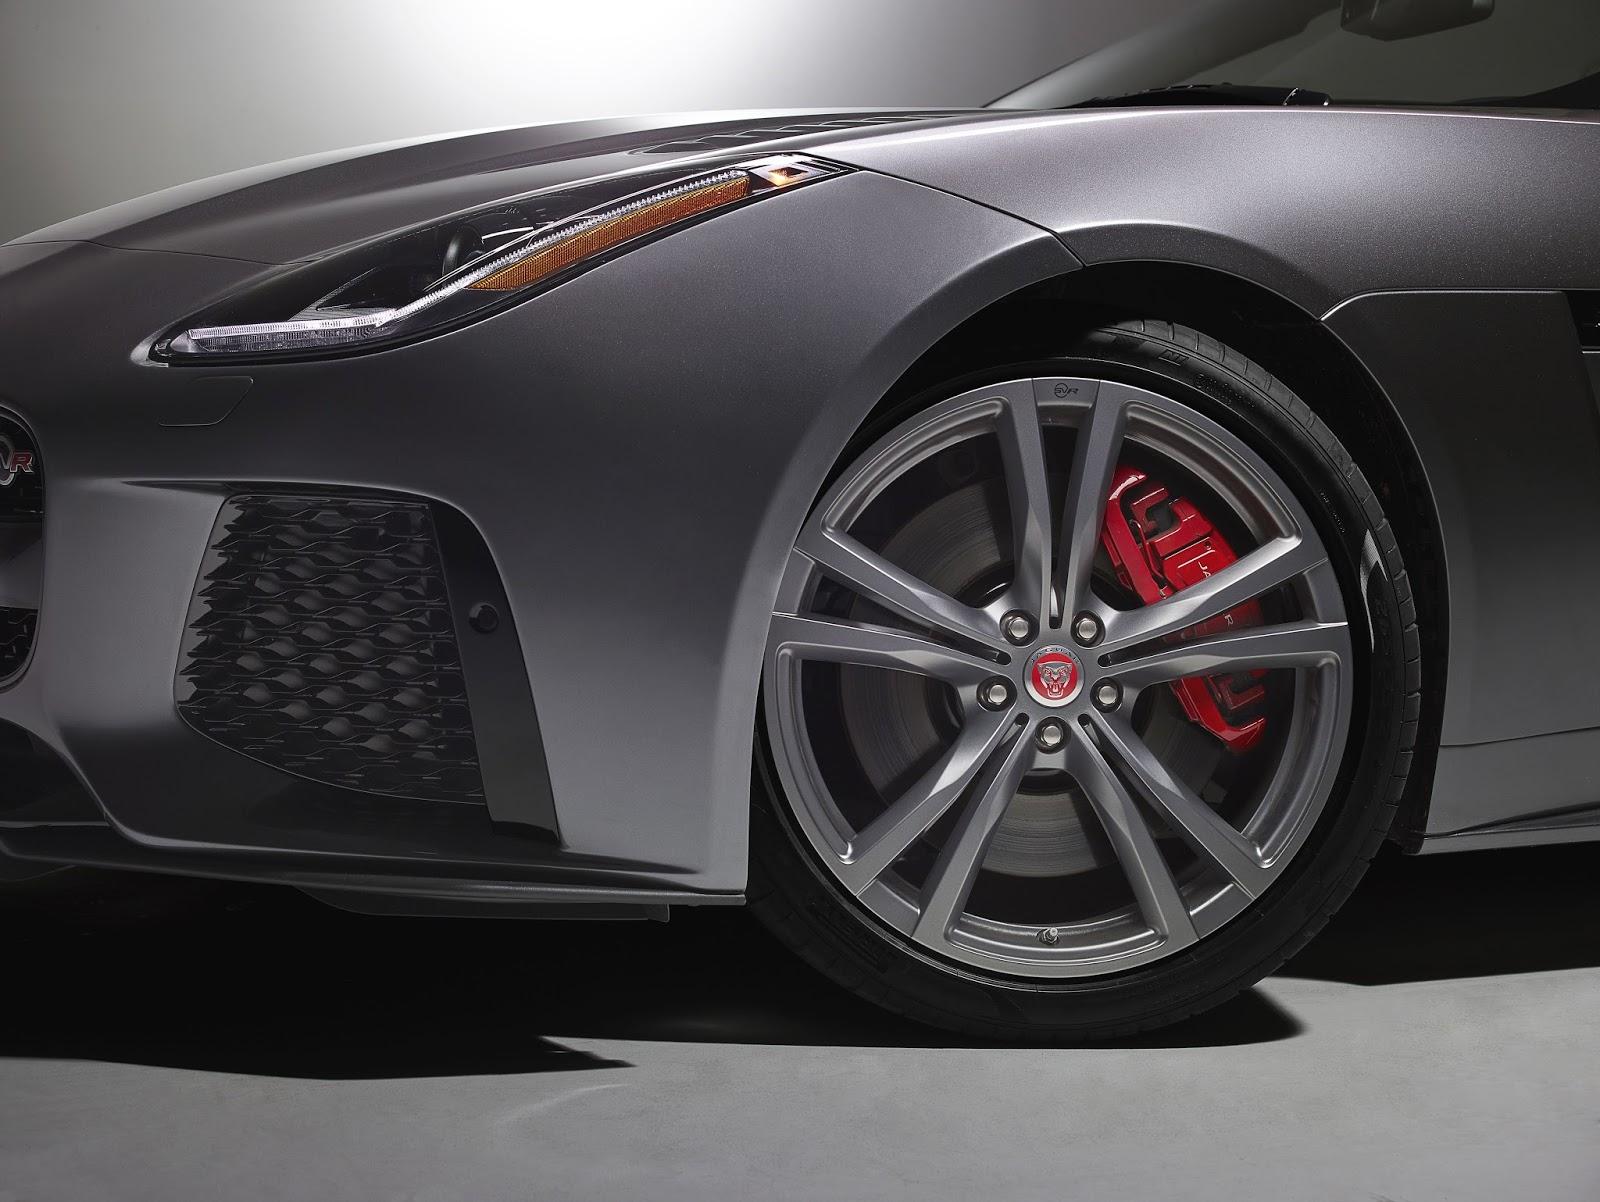 Hệ thống treo hoạt động tốt giúp xe ít bị áp lực mặt đường đè lên